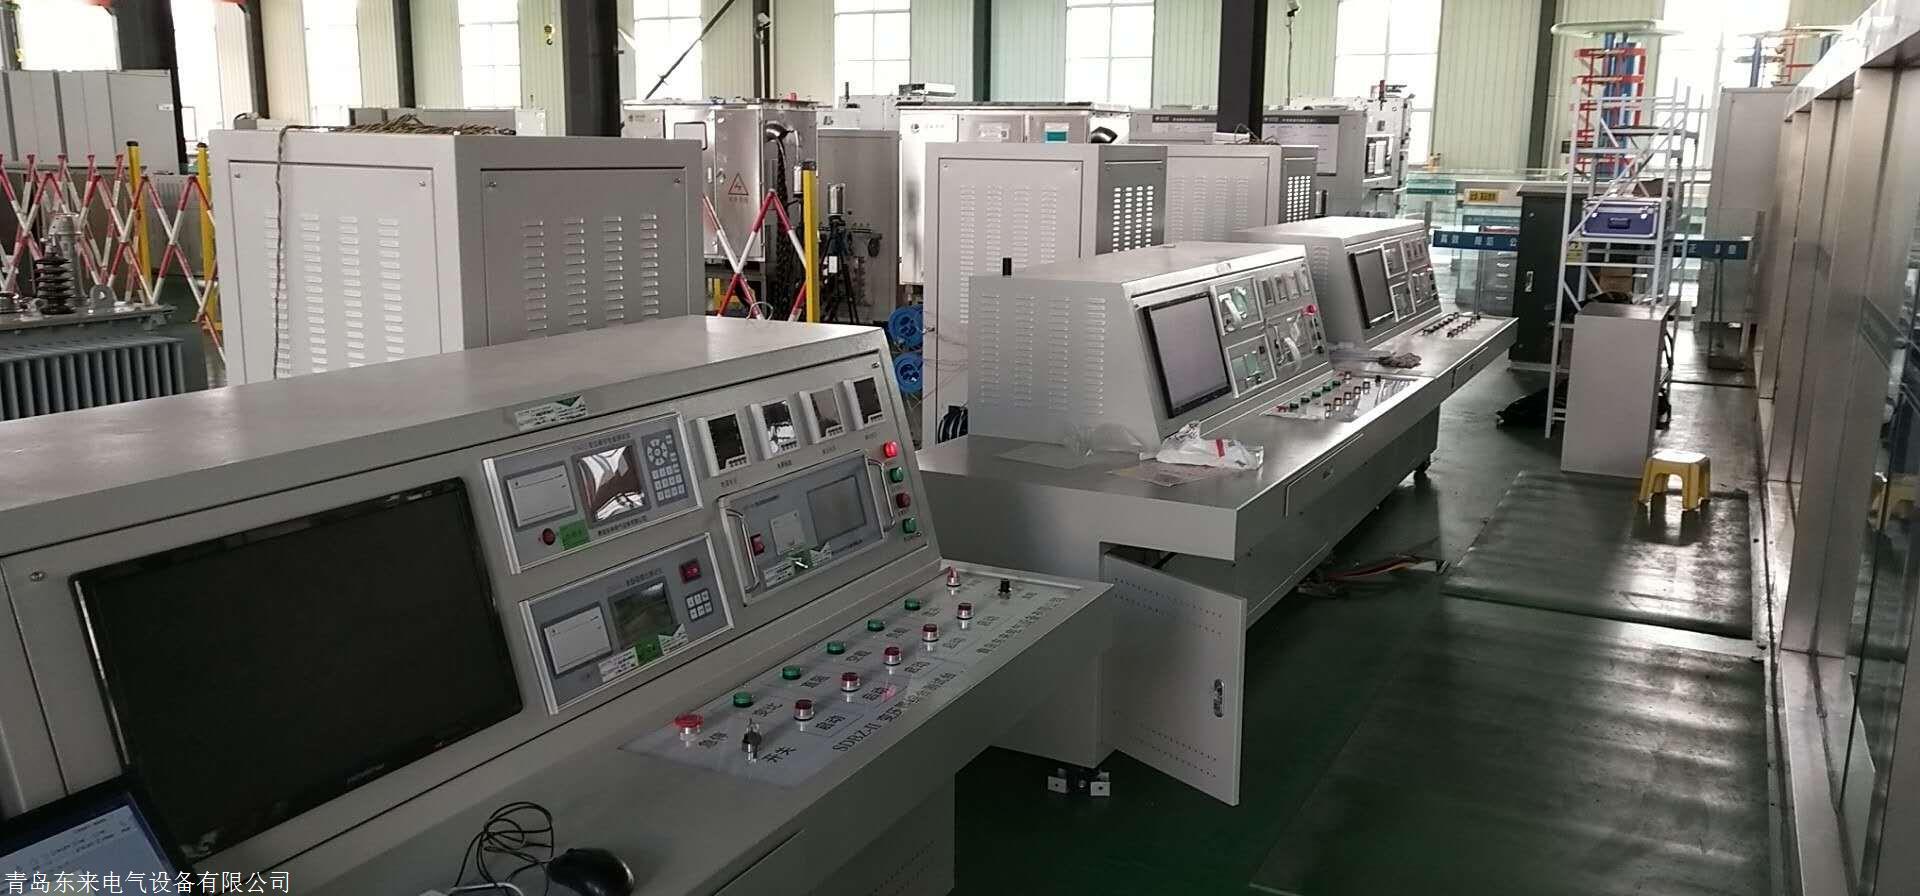 温升实验设备 温升试验设备 开关类温升试验系统